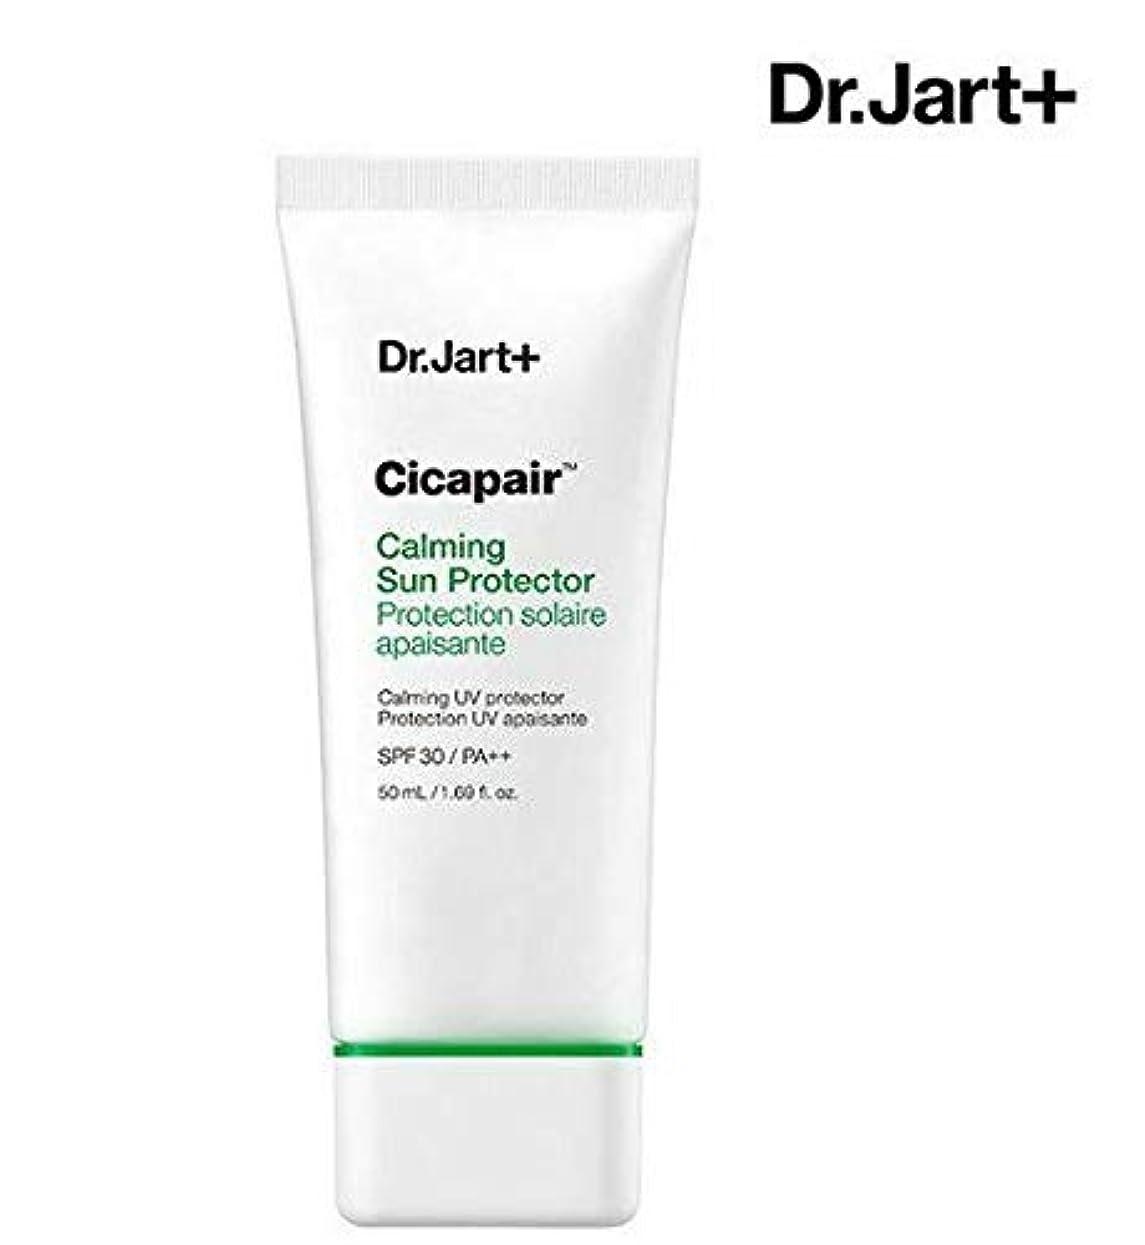 聖域受信機ゆるい[Dr.Jart+] Cicapair Calming Sun Protector 50ml / シカペアカミングサンプロテクター50ml [並行輸入品]